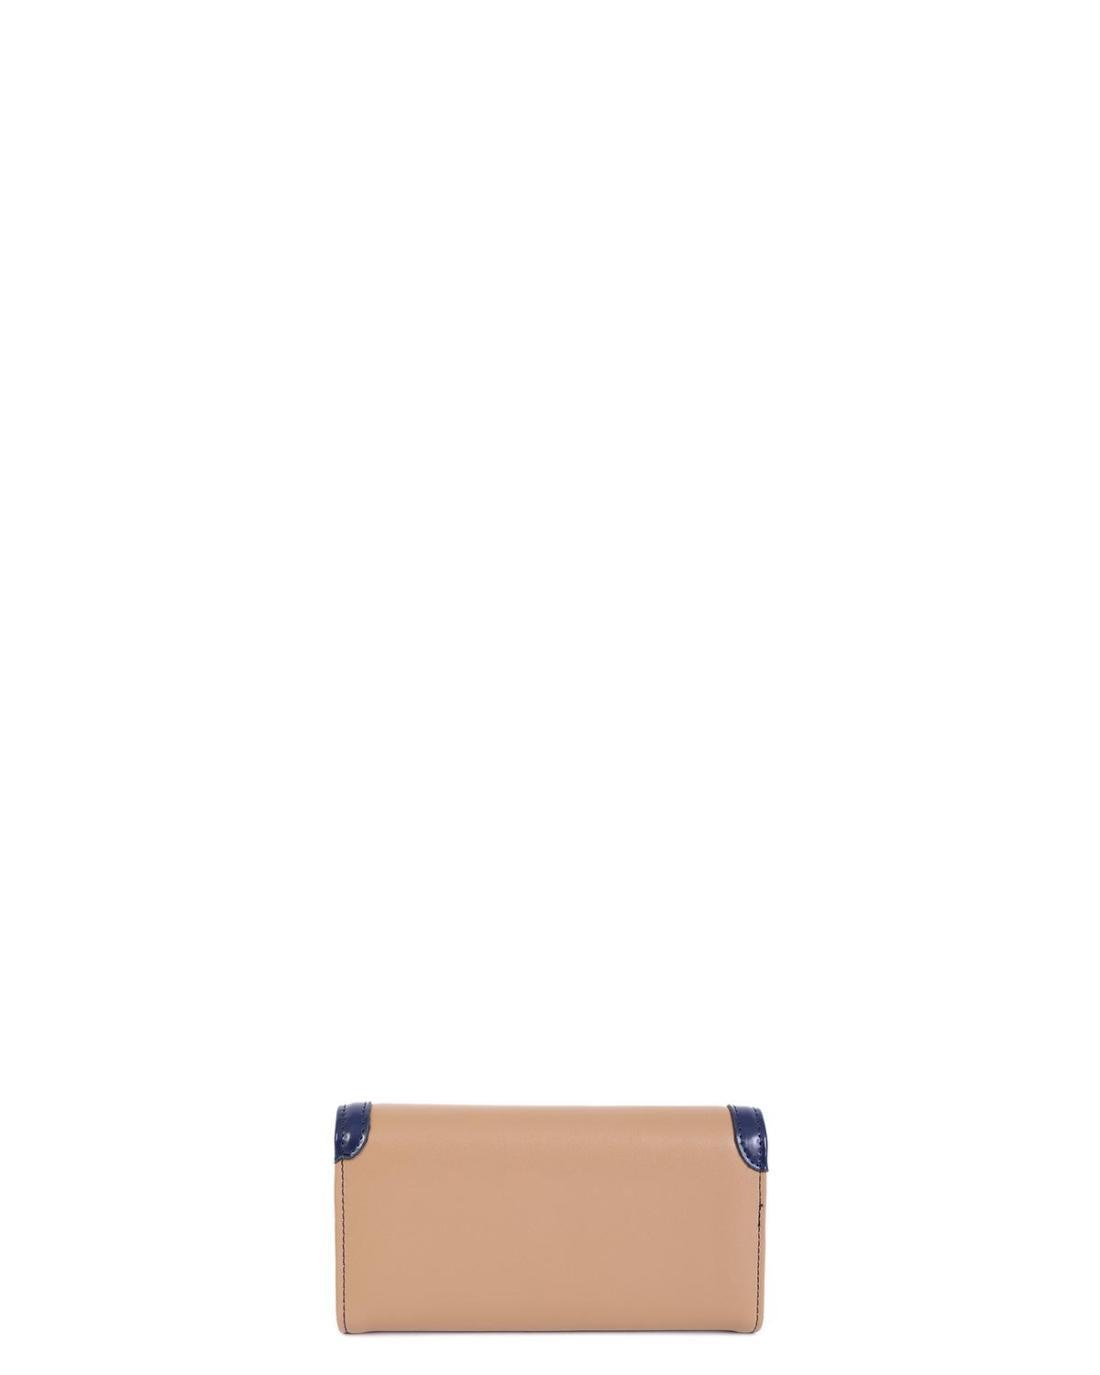 Πορτοφόλι κάμελ